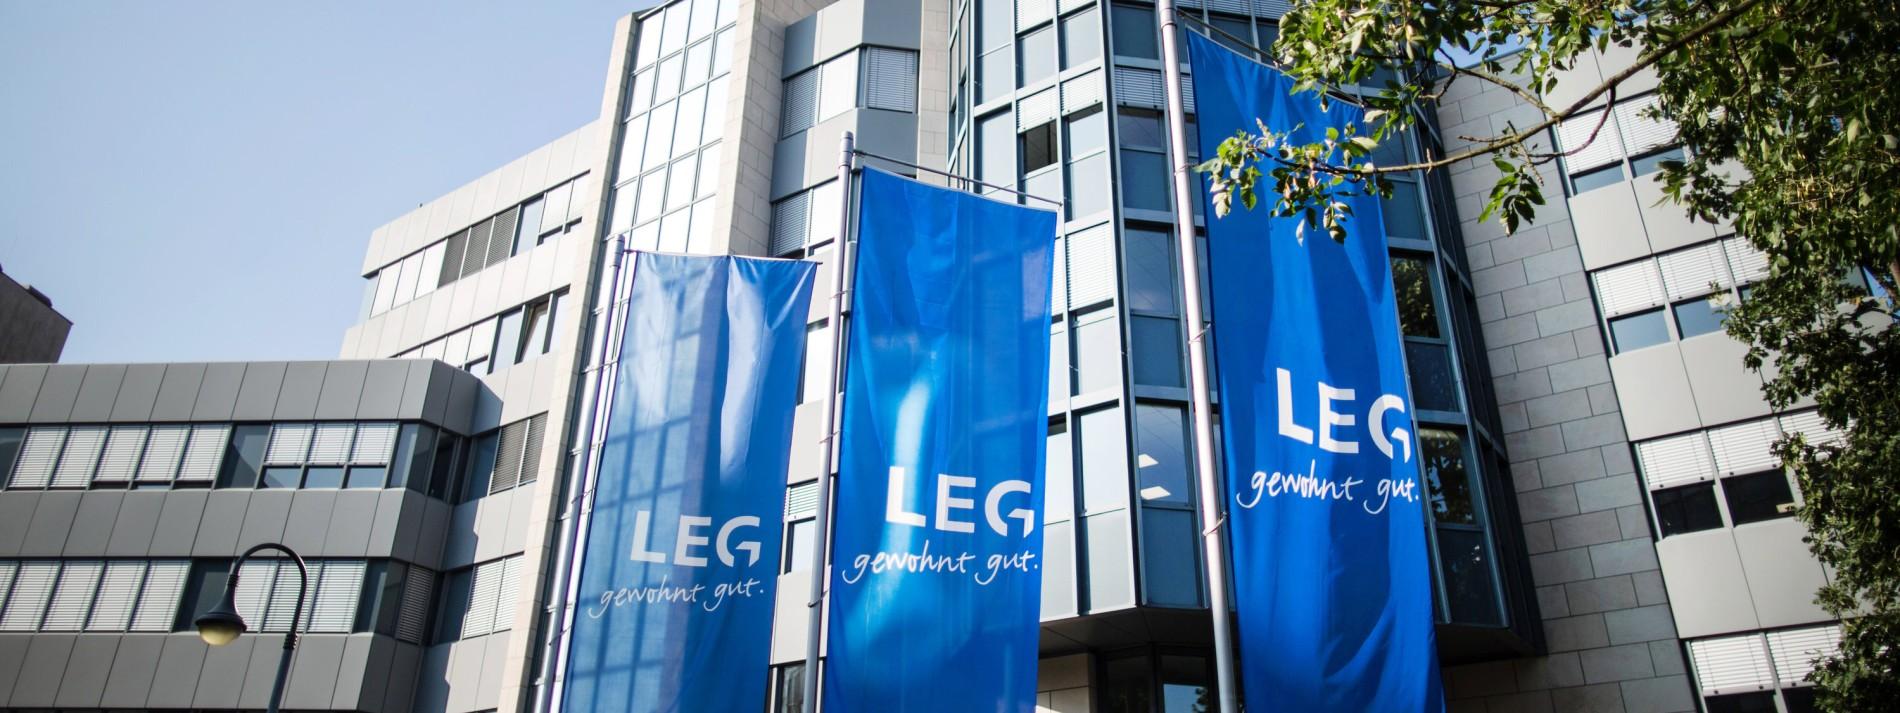 Adler Group verkauft 15.000 Wohnungen an LEG Immobilien